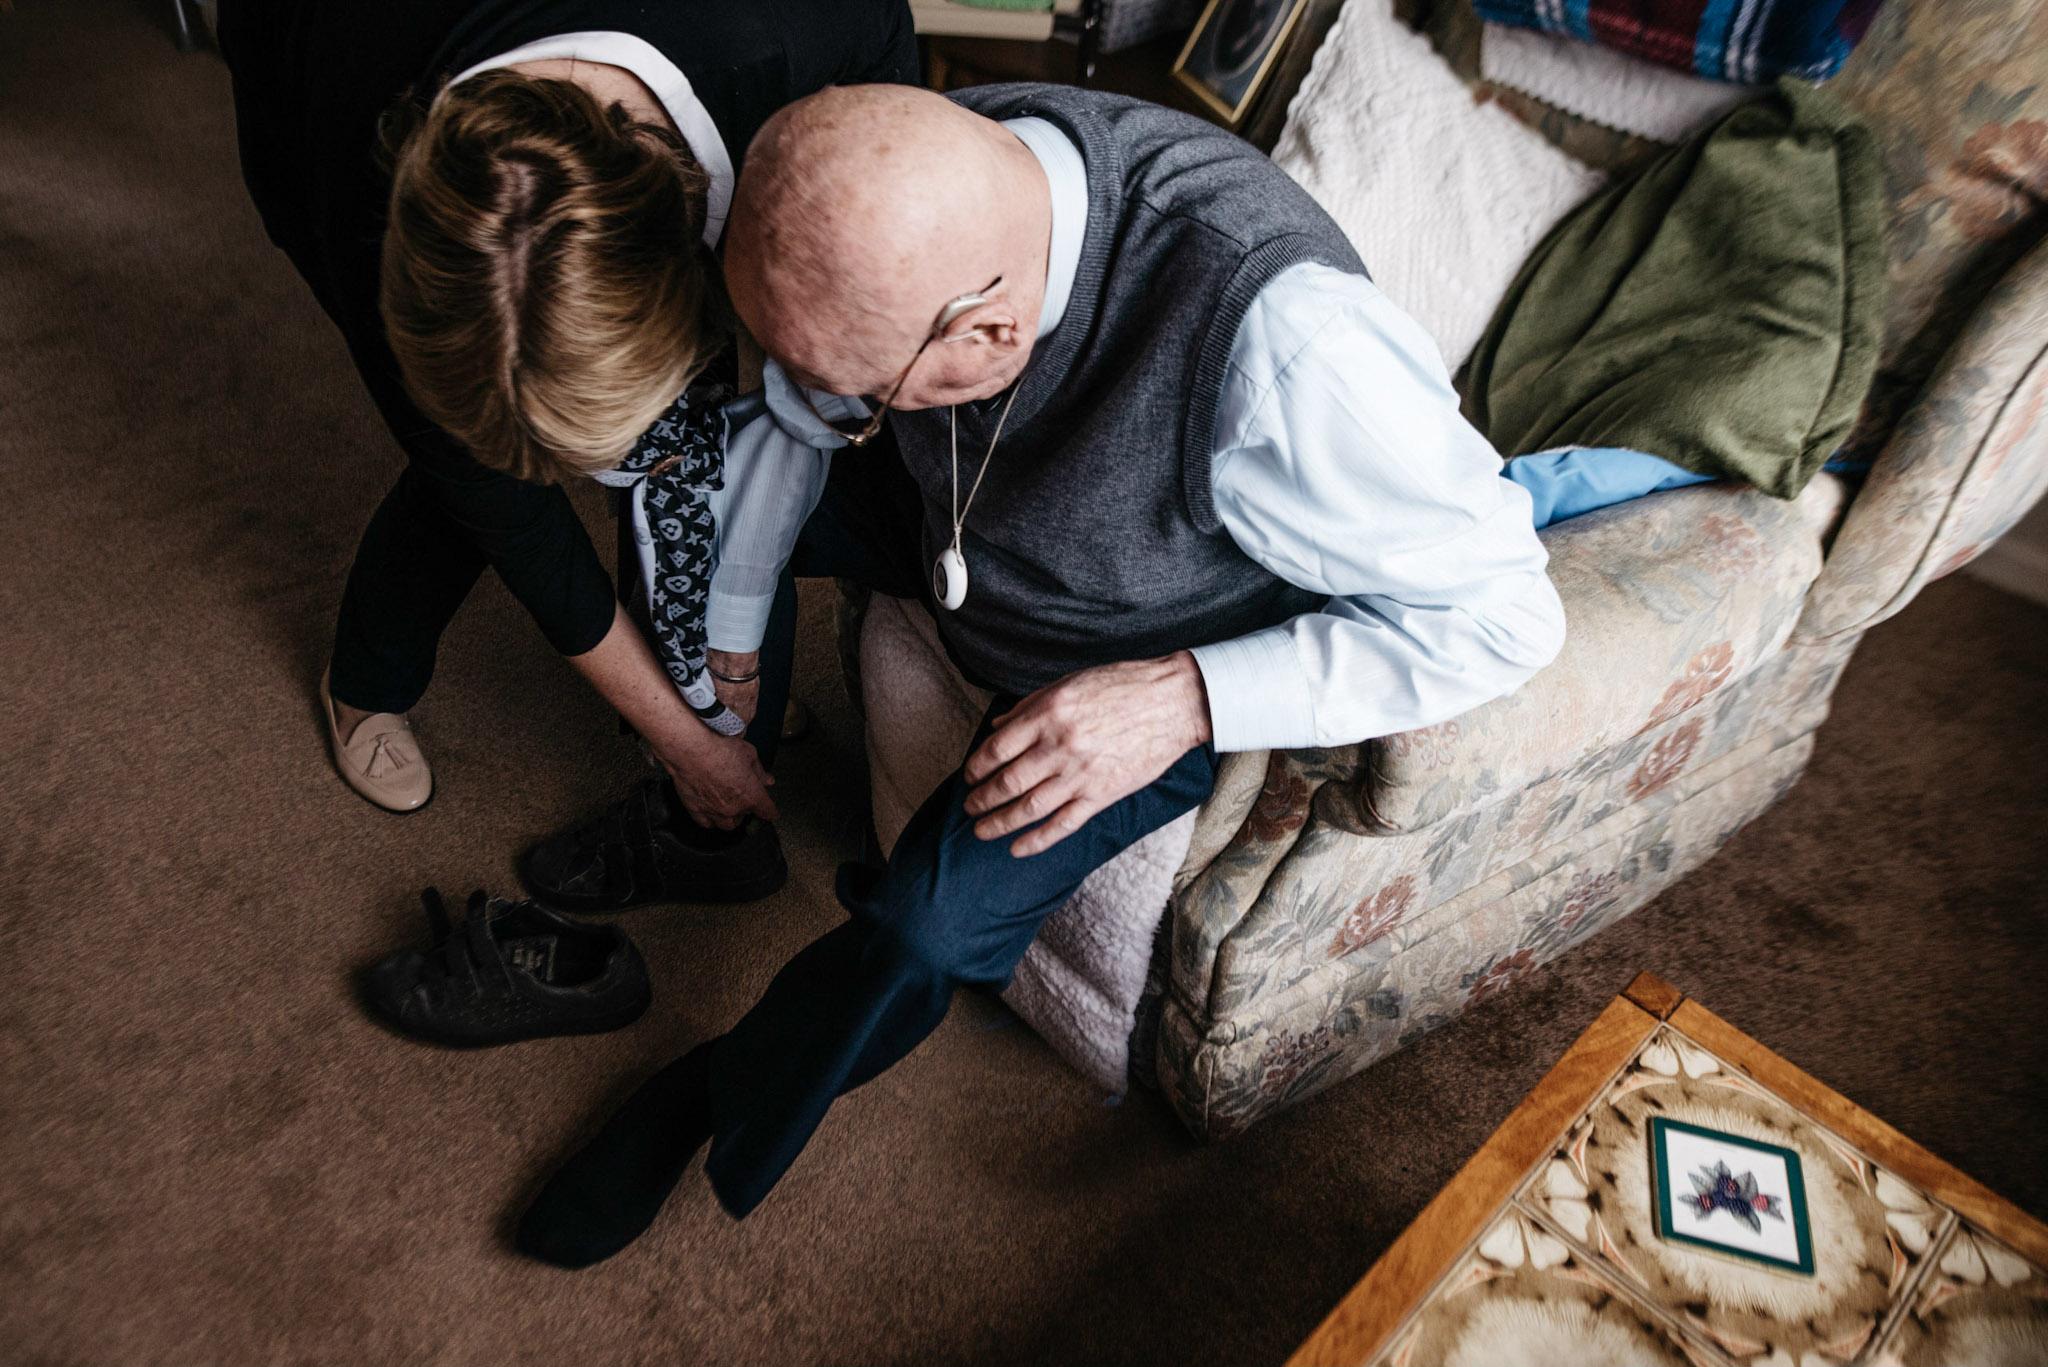 World Alzheimer's Day 2020